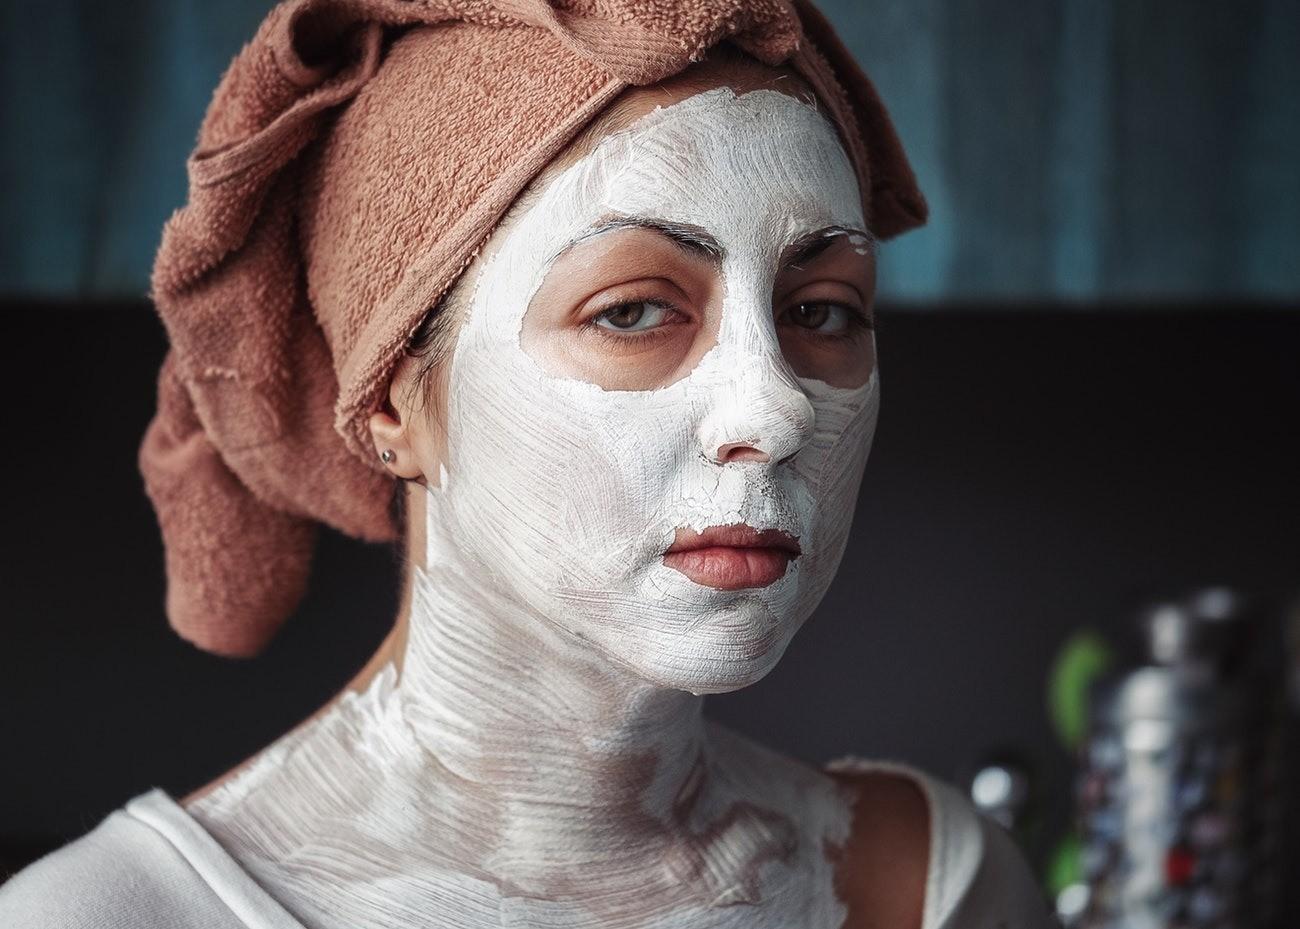 Уход за кожей зимой: как уберечь лицо от сухости и мороза